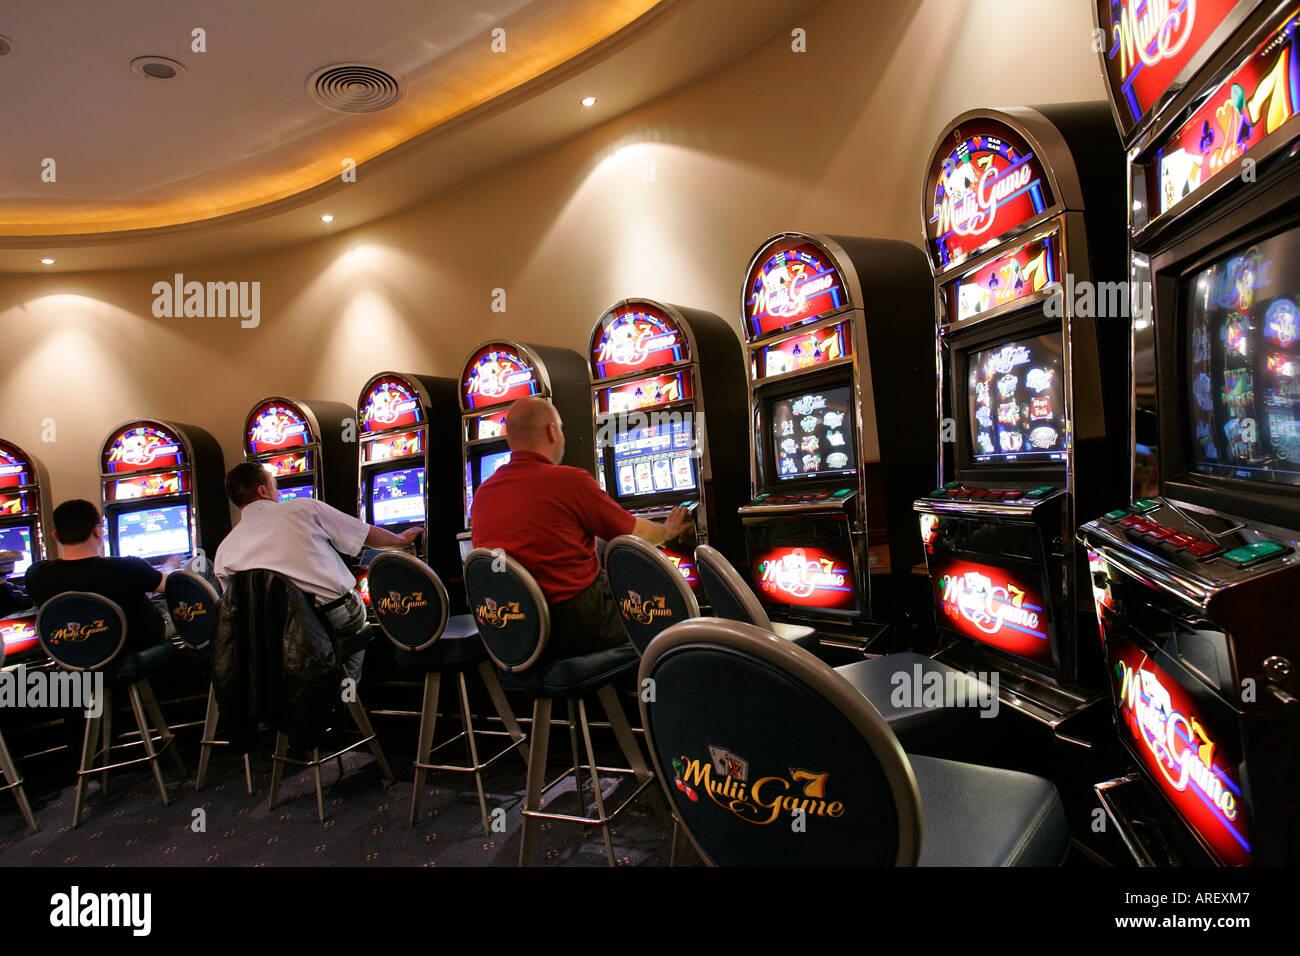 Jamie casino savannah georgia